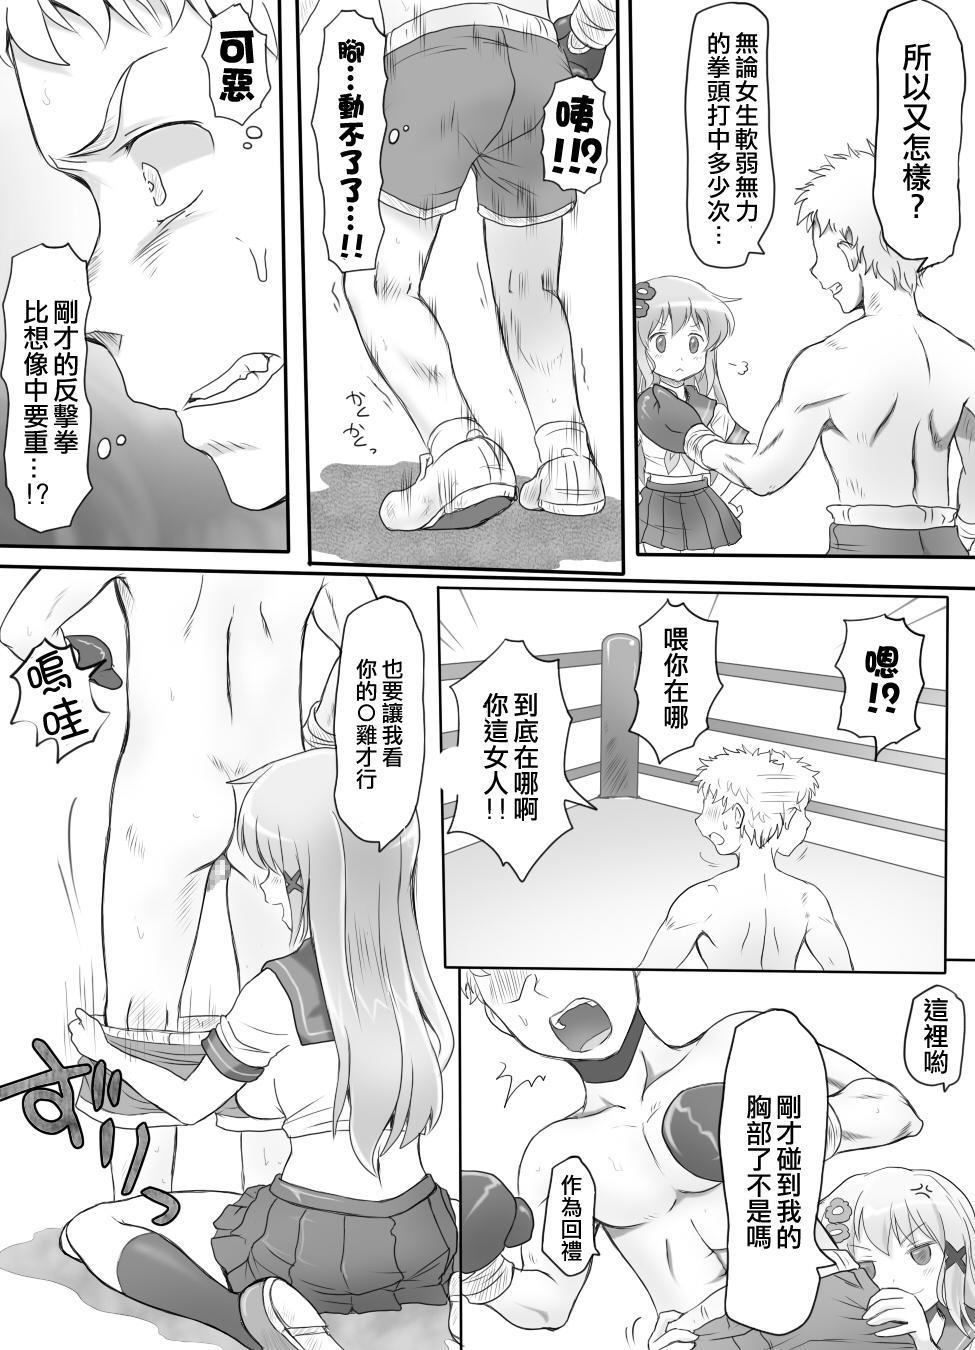 Naburi Tokidoki Shasei 17